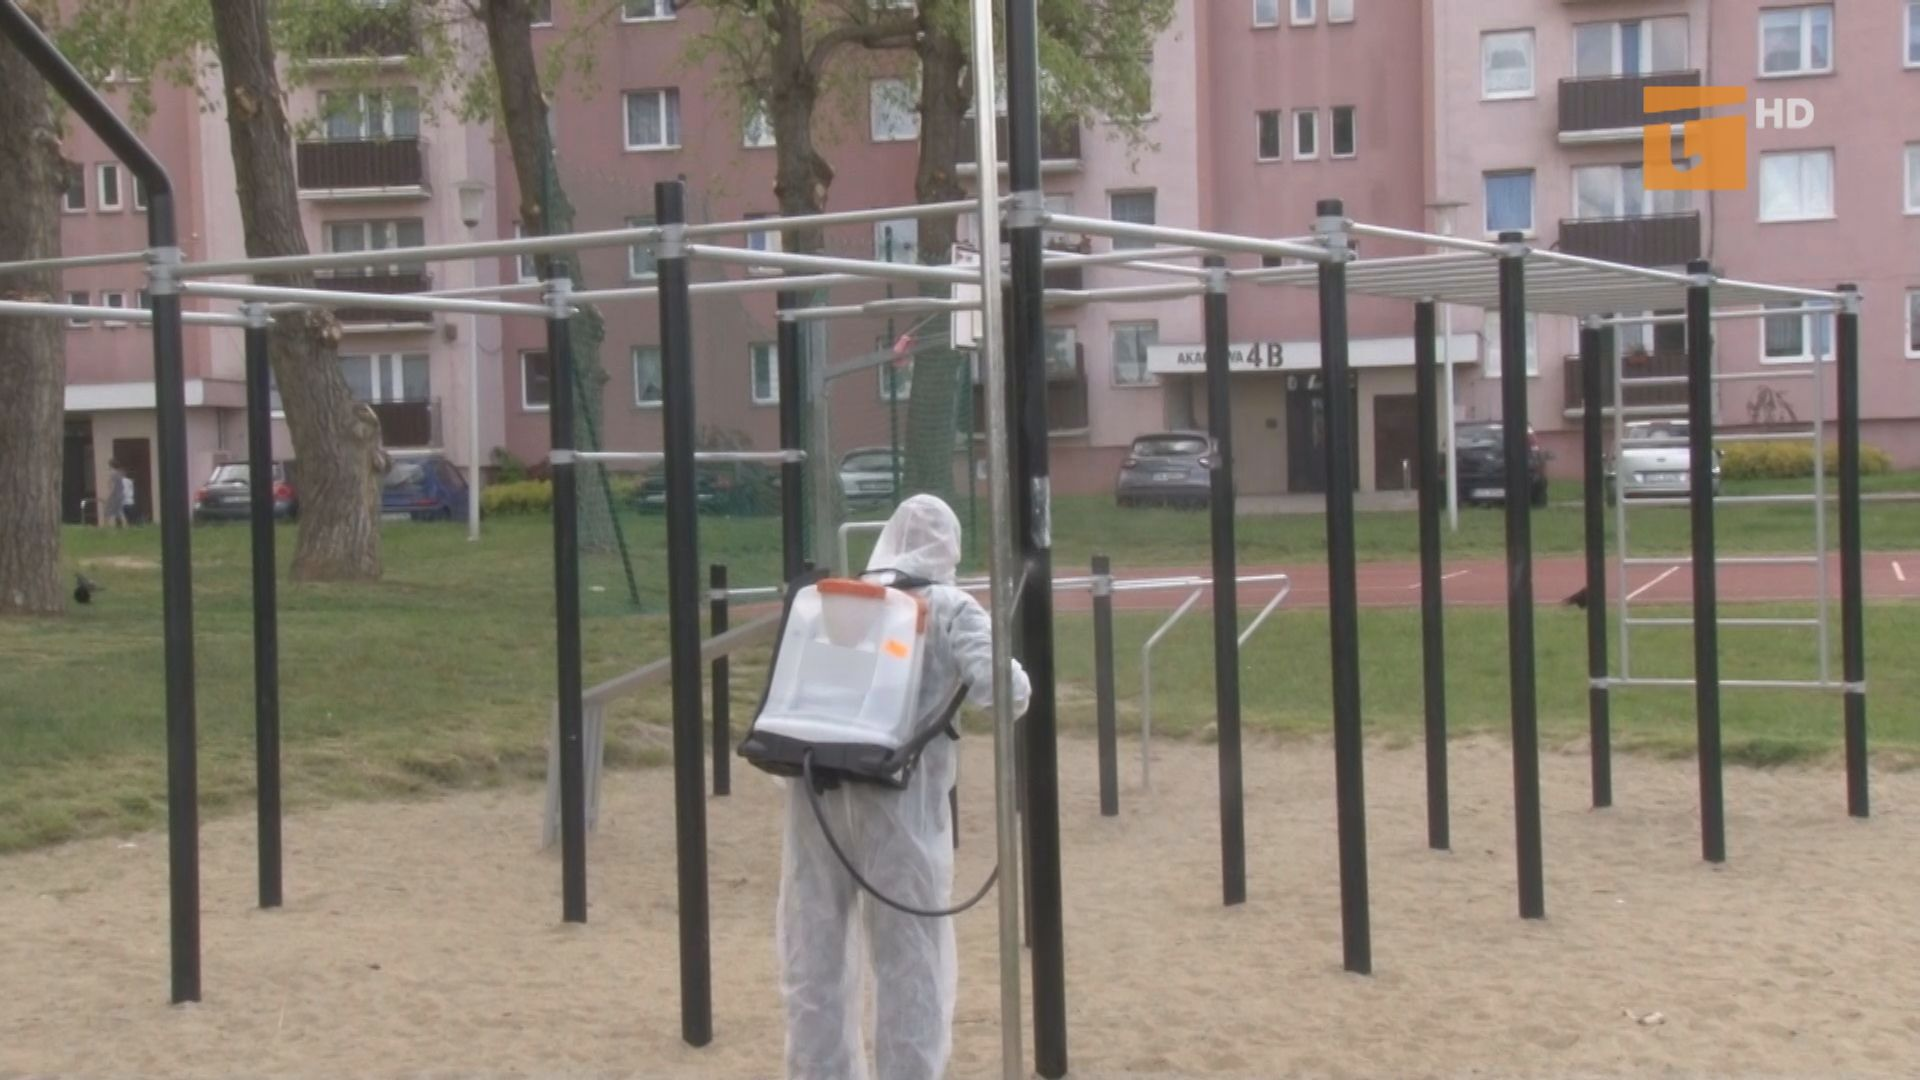 Codziennie dezynfekowane są place zabaw i siłownie pod chmurką